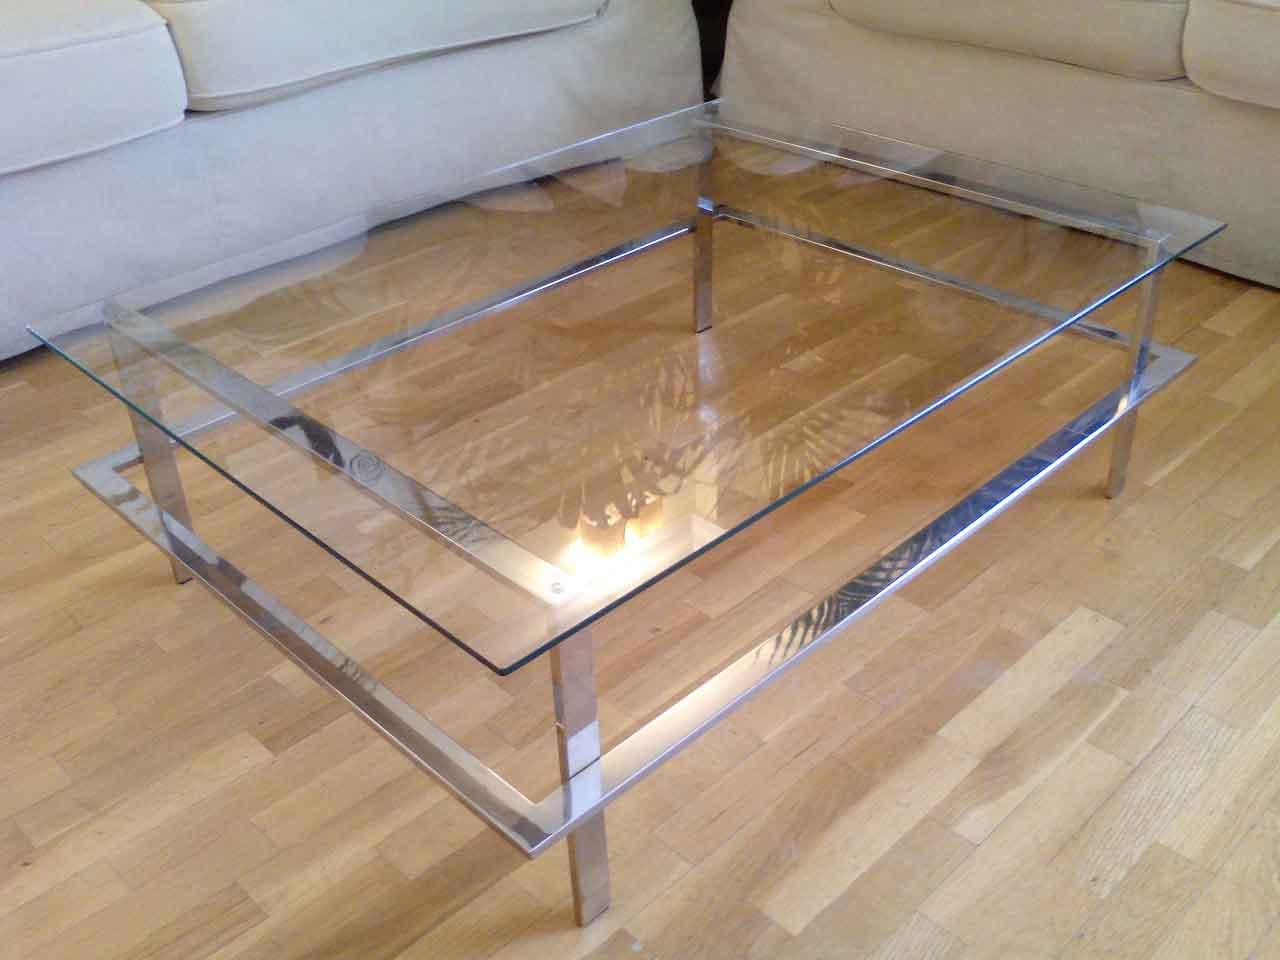 Limpieza de mesas en acero inoxidable - U acero inoxidable ...